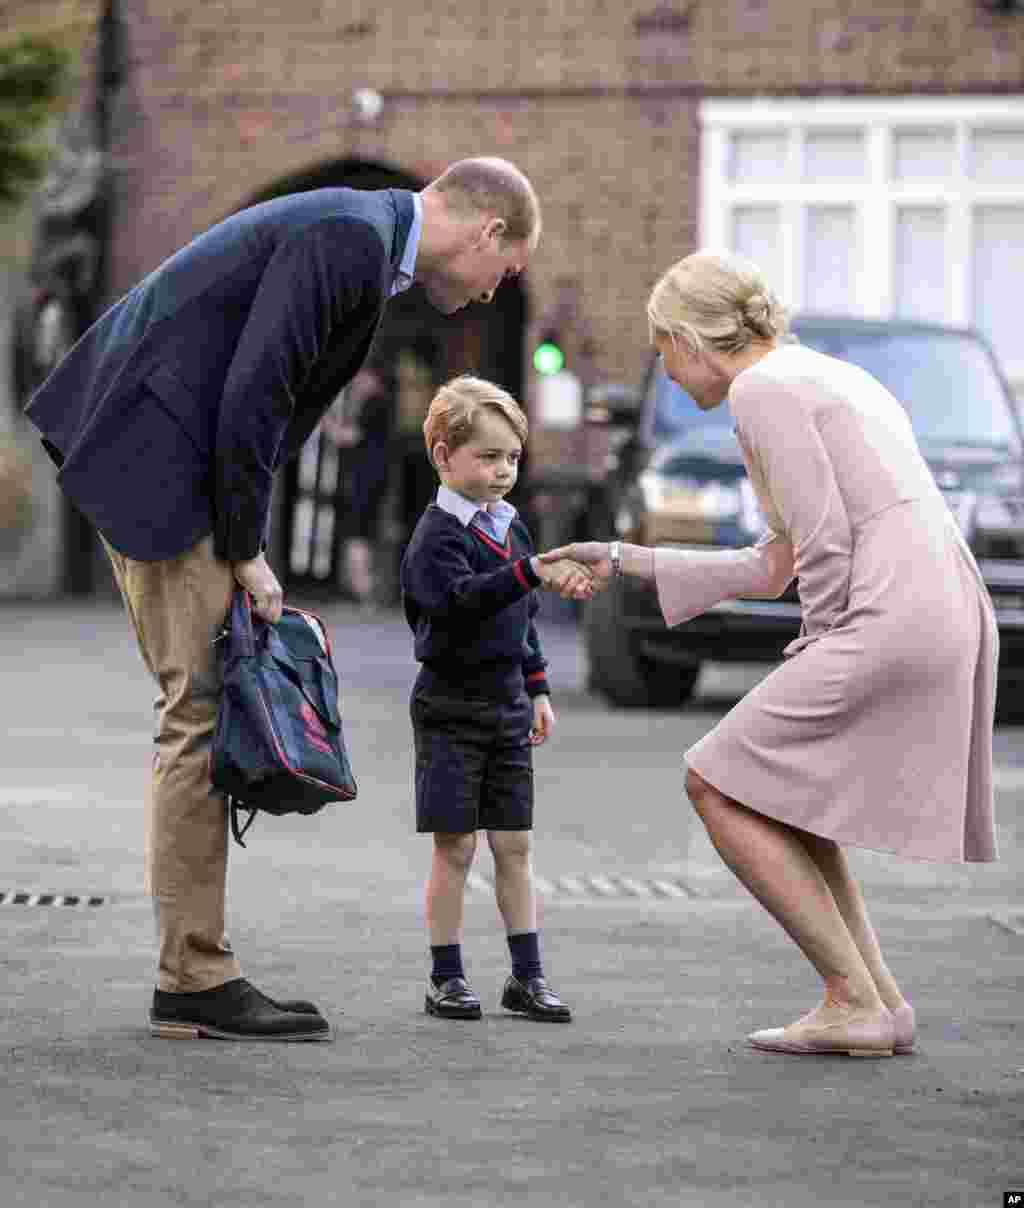 Şahzadə Corc atası Uilyam ilə məktəbin ilk günü.